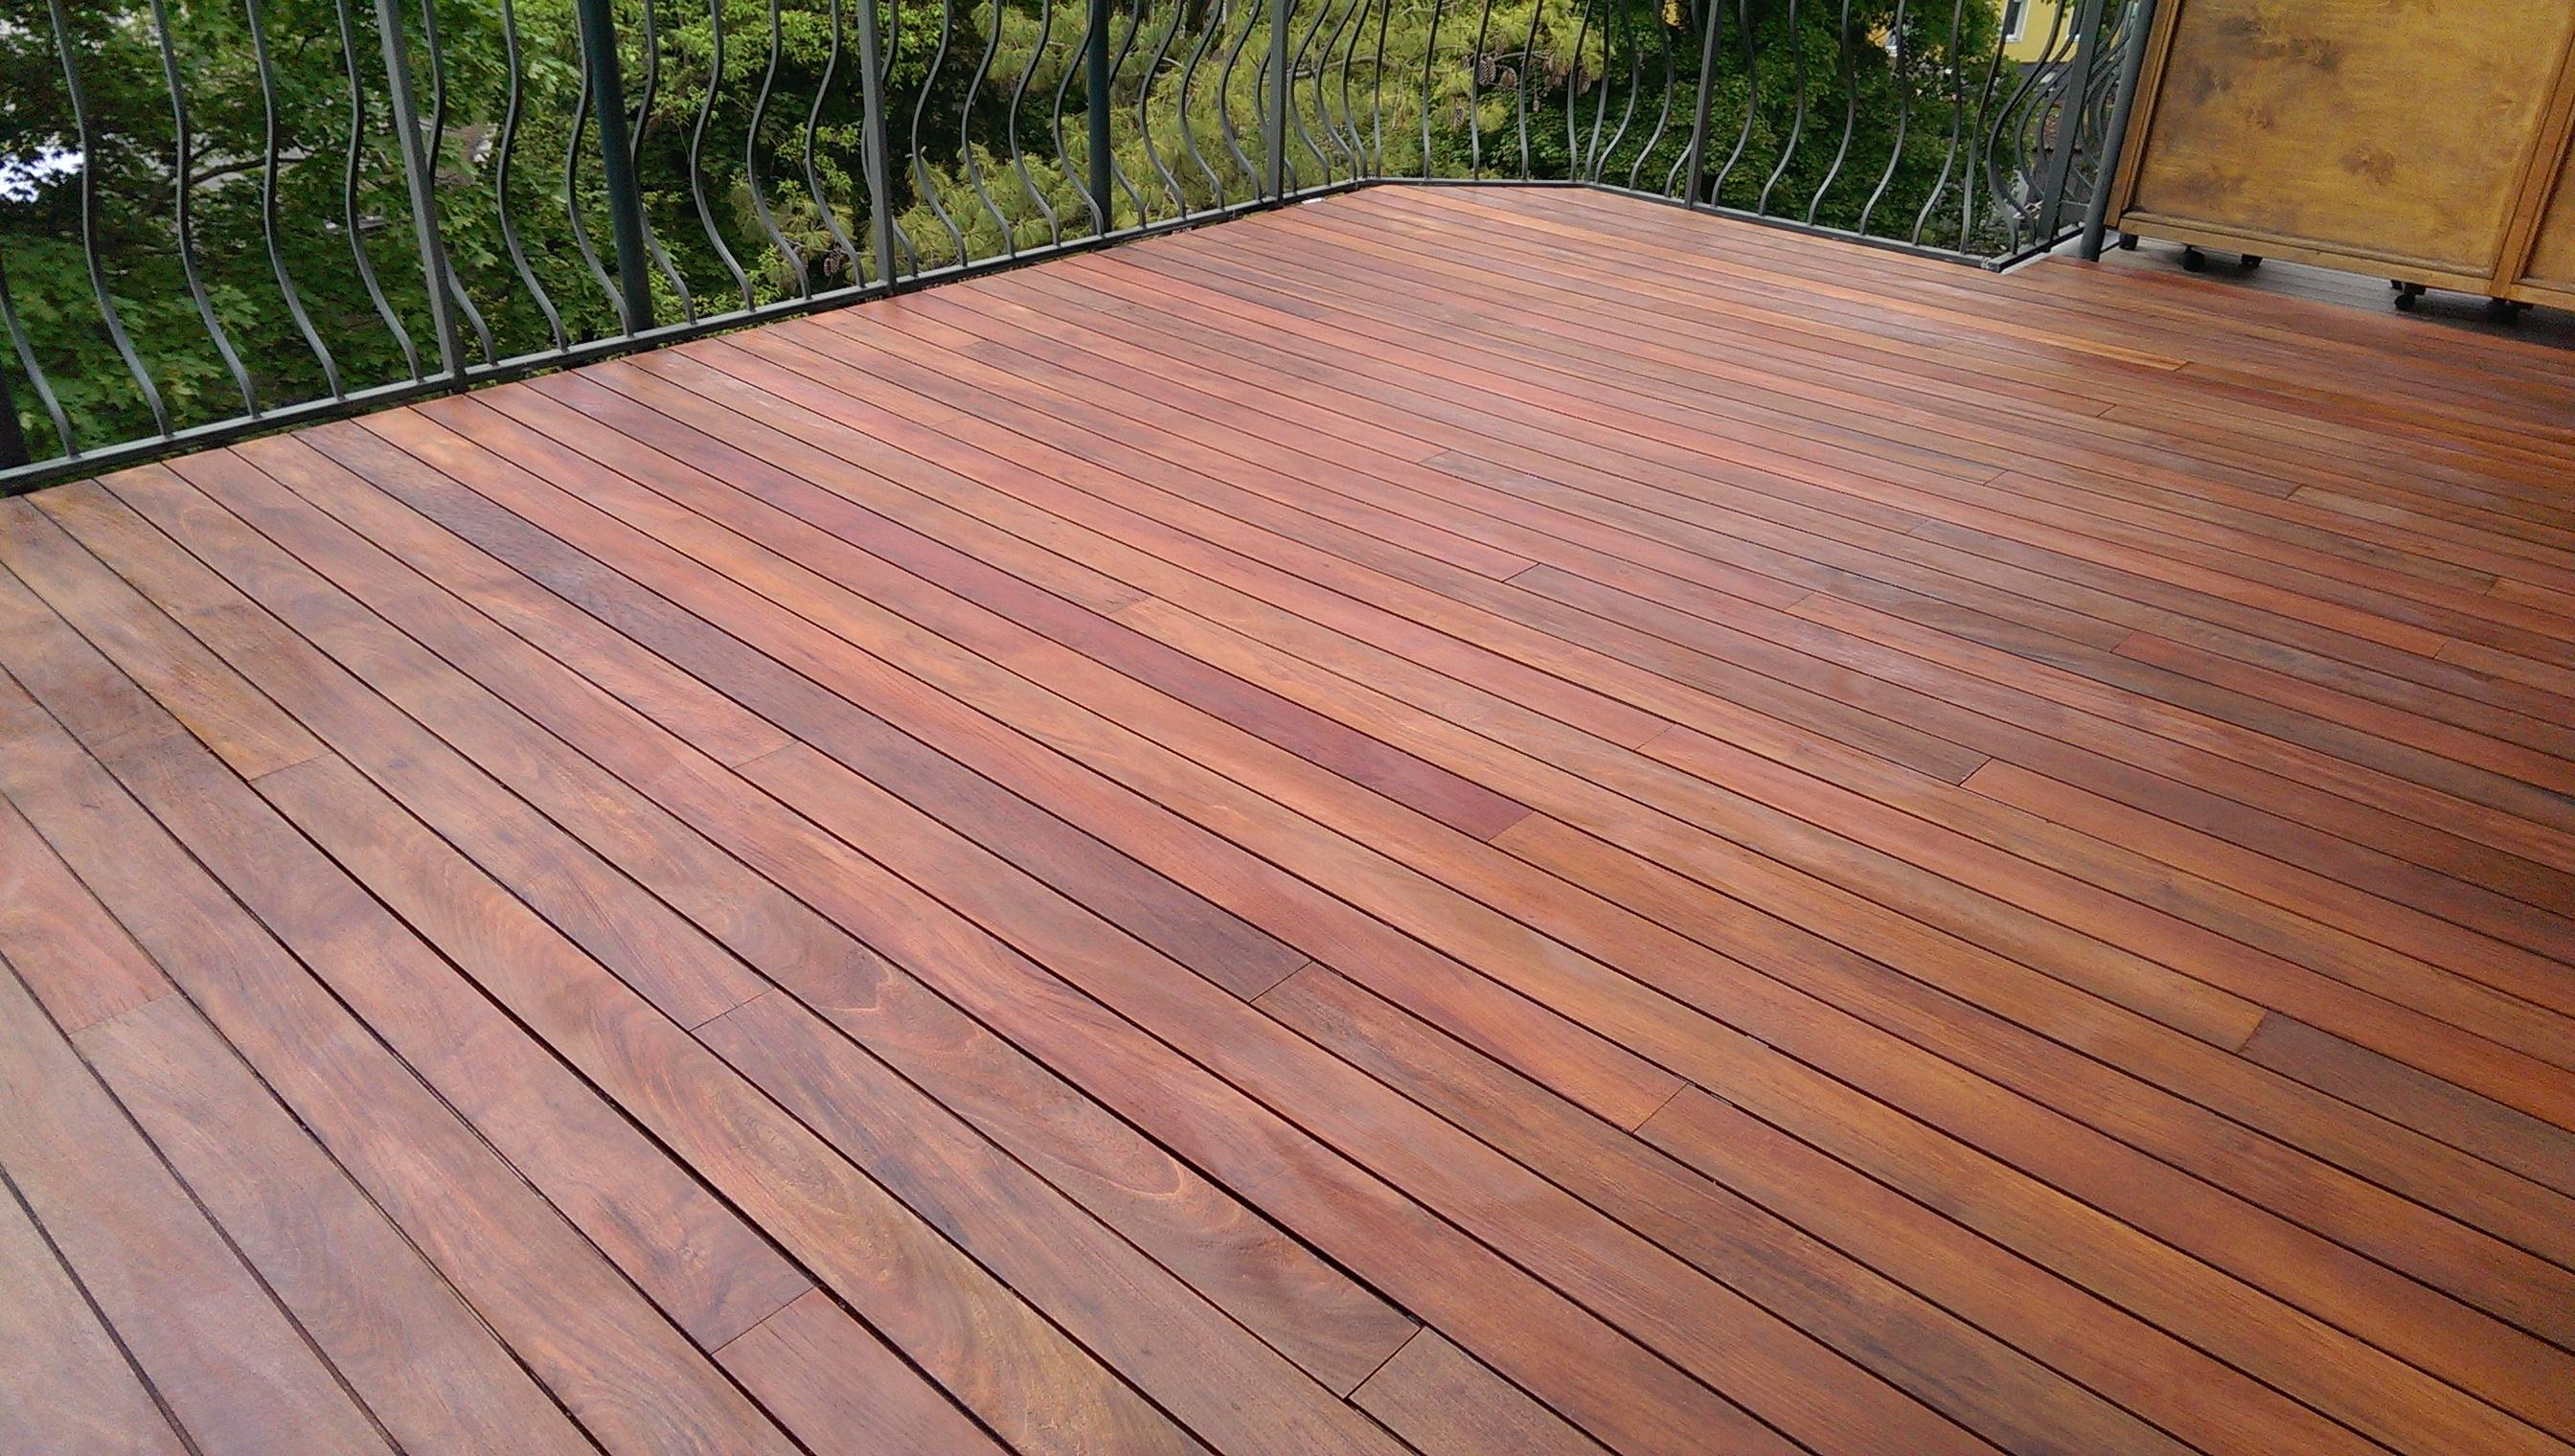 Terrassen   Holzboden   Holzdielen abschleifen und neu ölen   D.B. ...